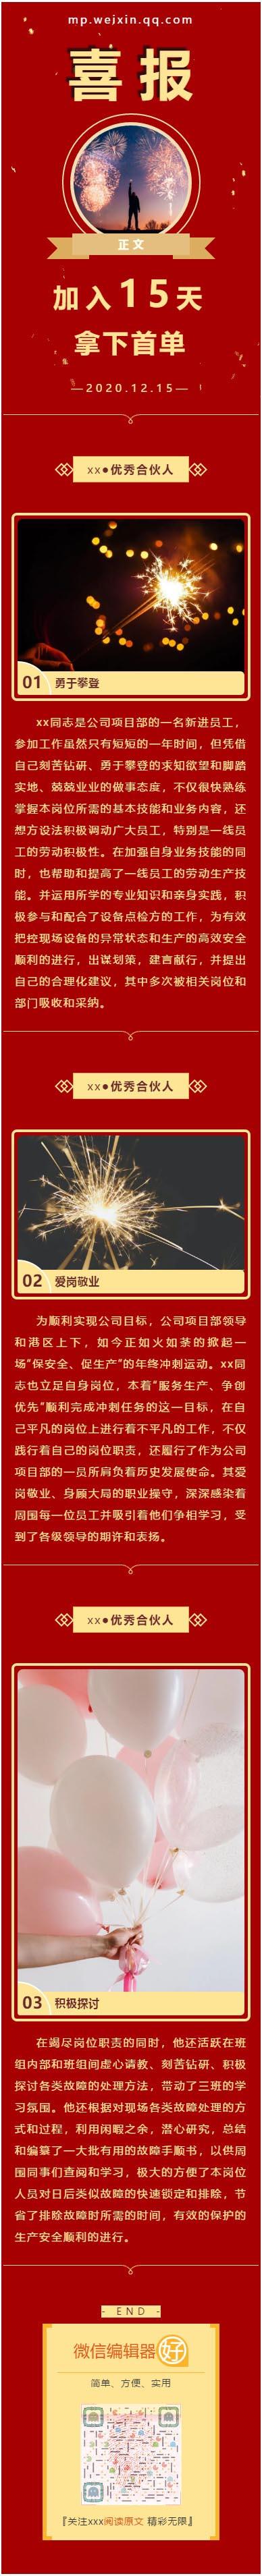 喜报红色喜庆动态背景图微信公众号模板推送图文素材推文资料